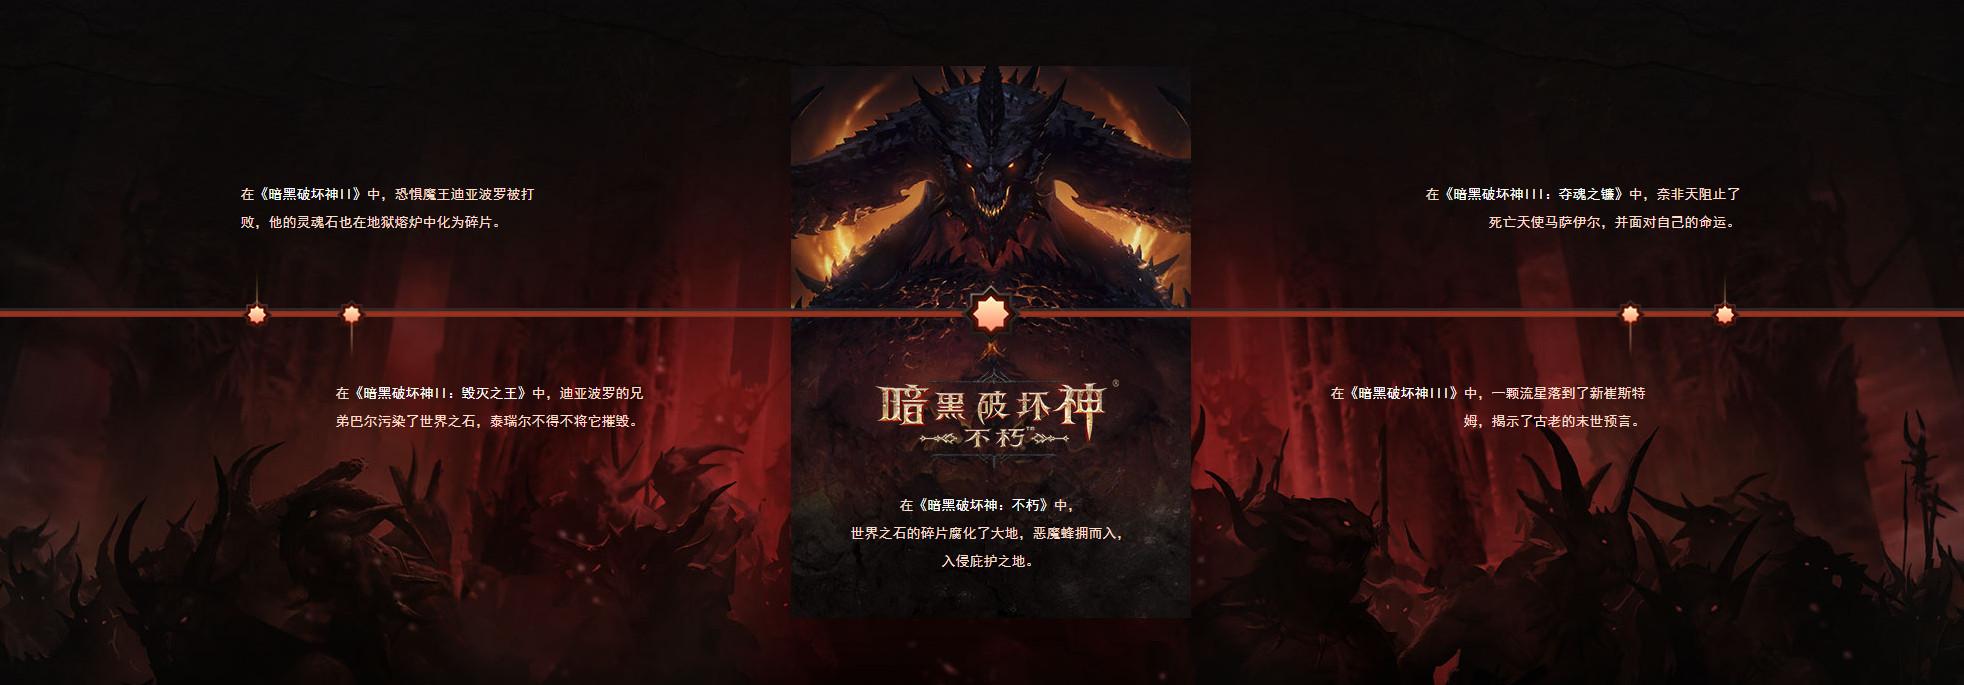 《暗黑破坏神:不朽》开启预约 国服预约已超14.7万人